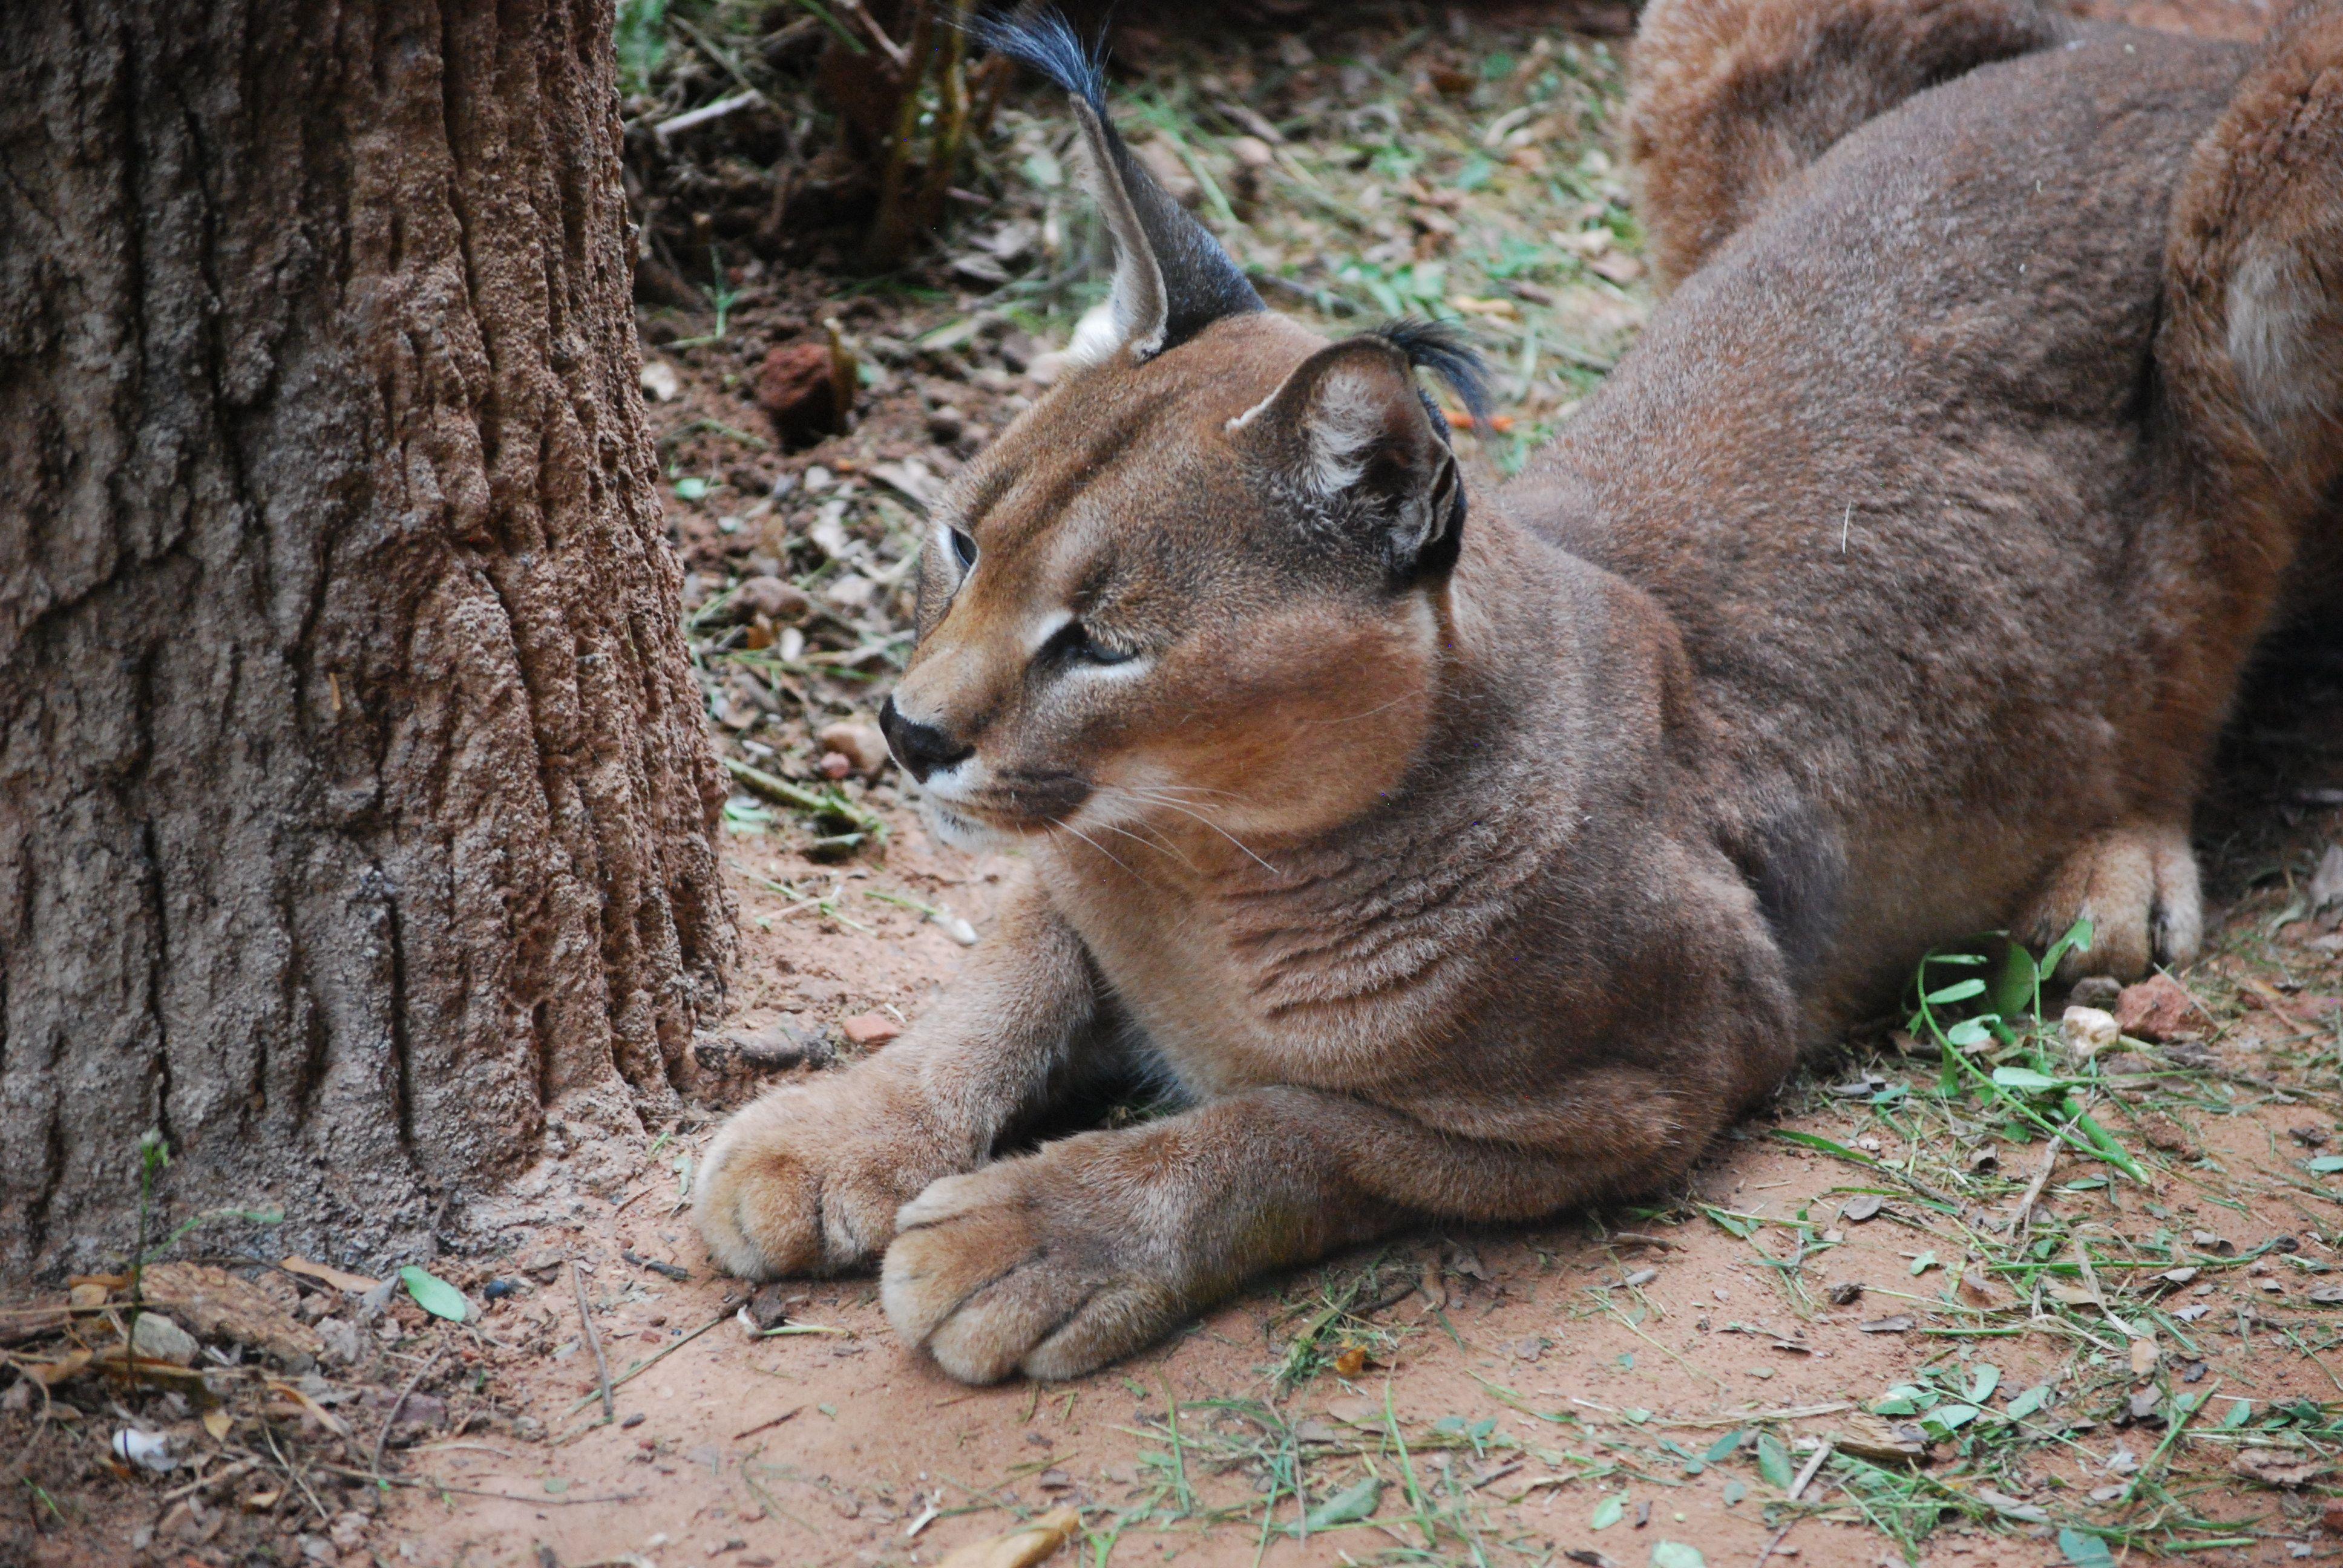 Big Cat Oklahoma City Zoo Oklahoma city zoo